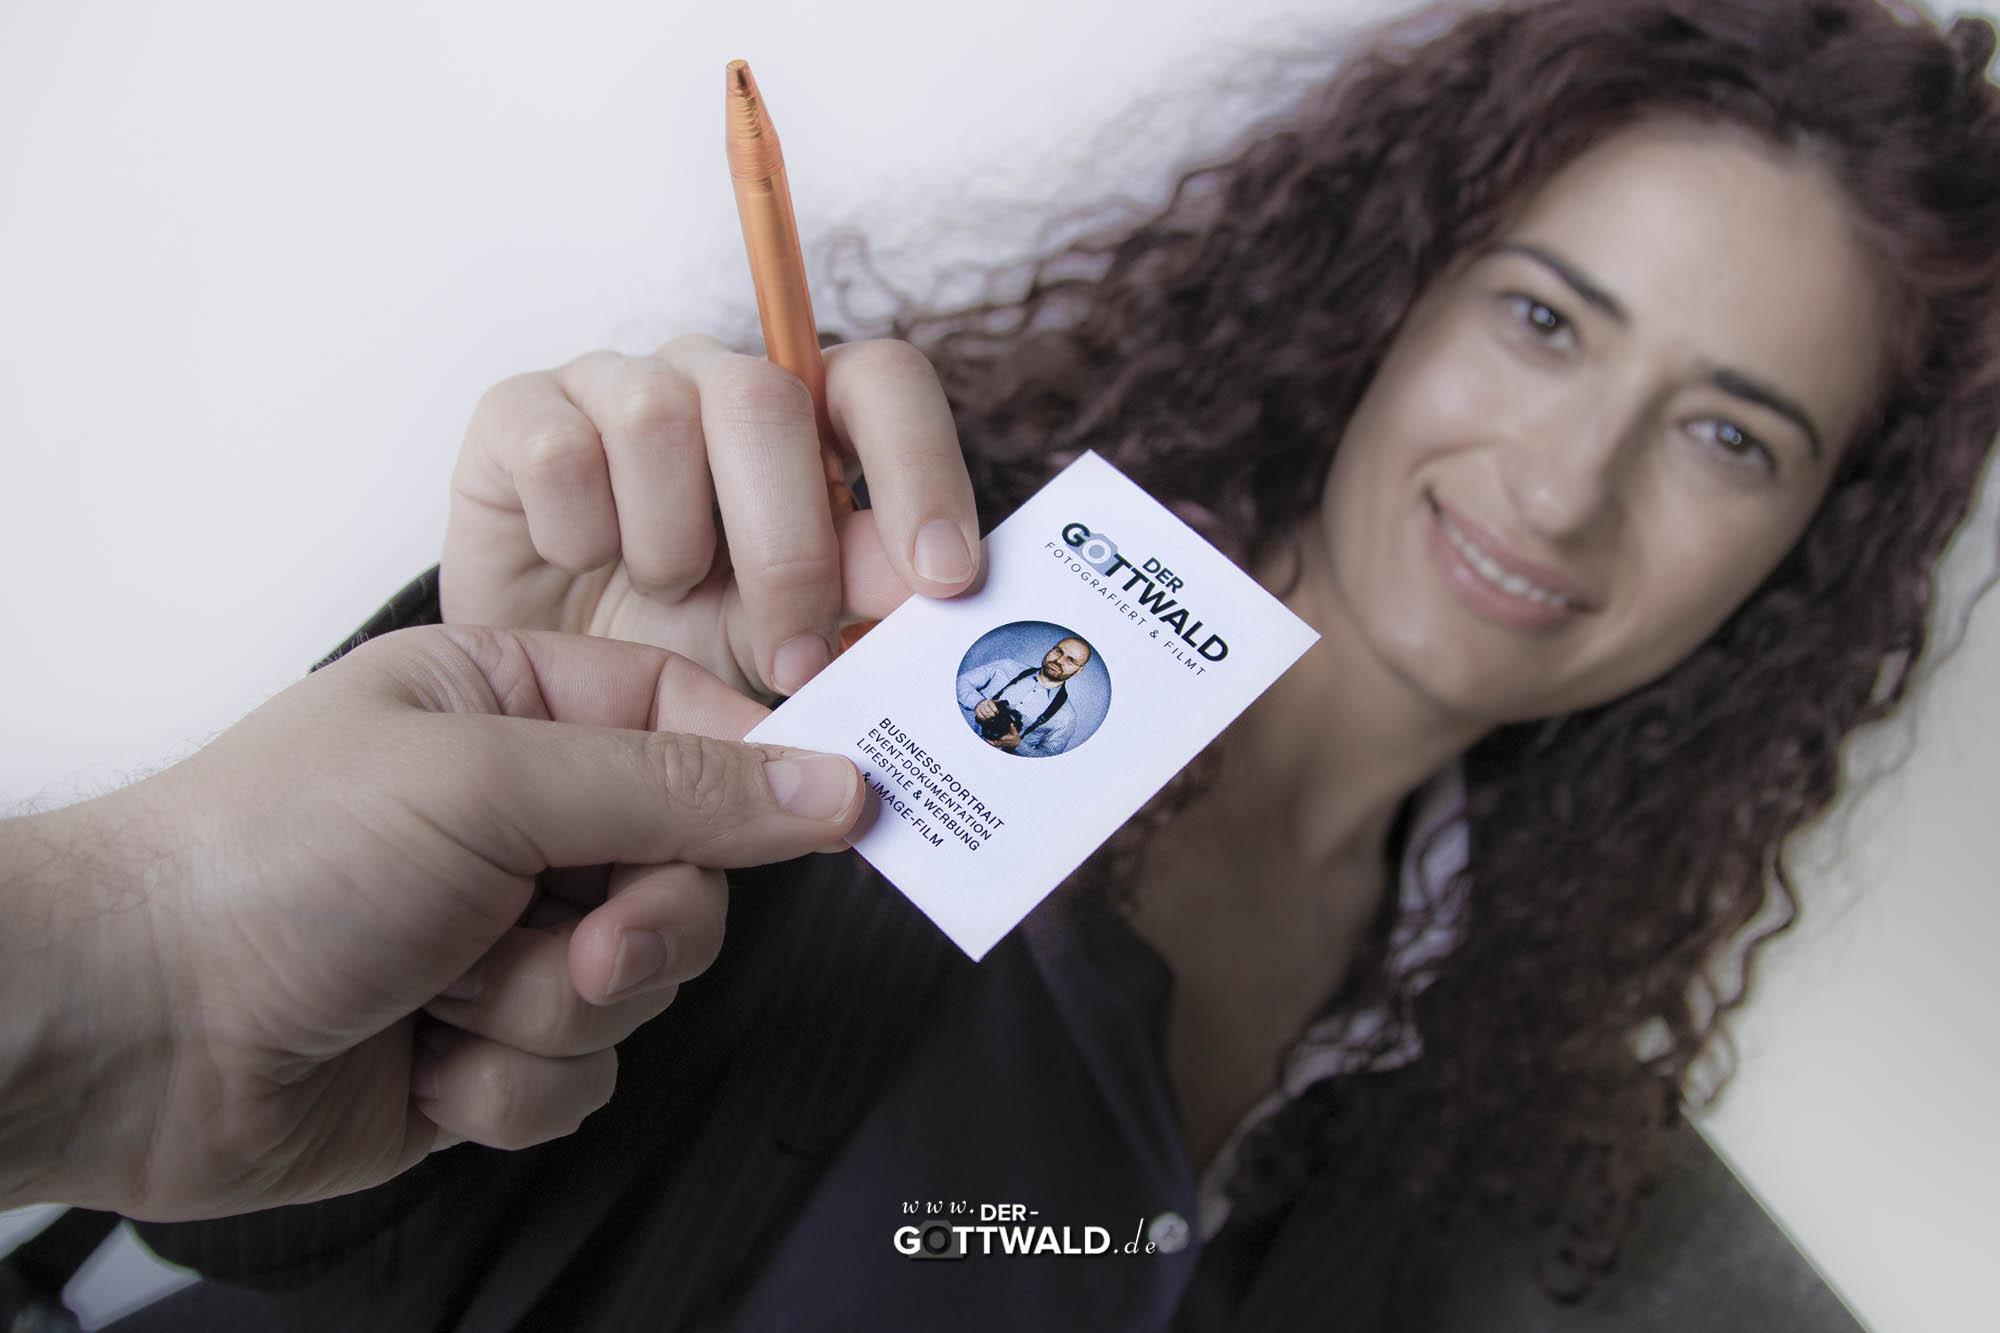 der-gottwaldDE - Business-Portrait 02.jpg